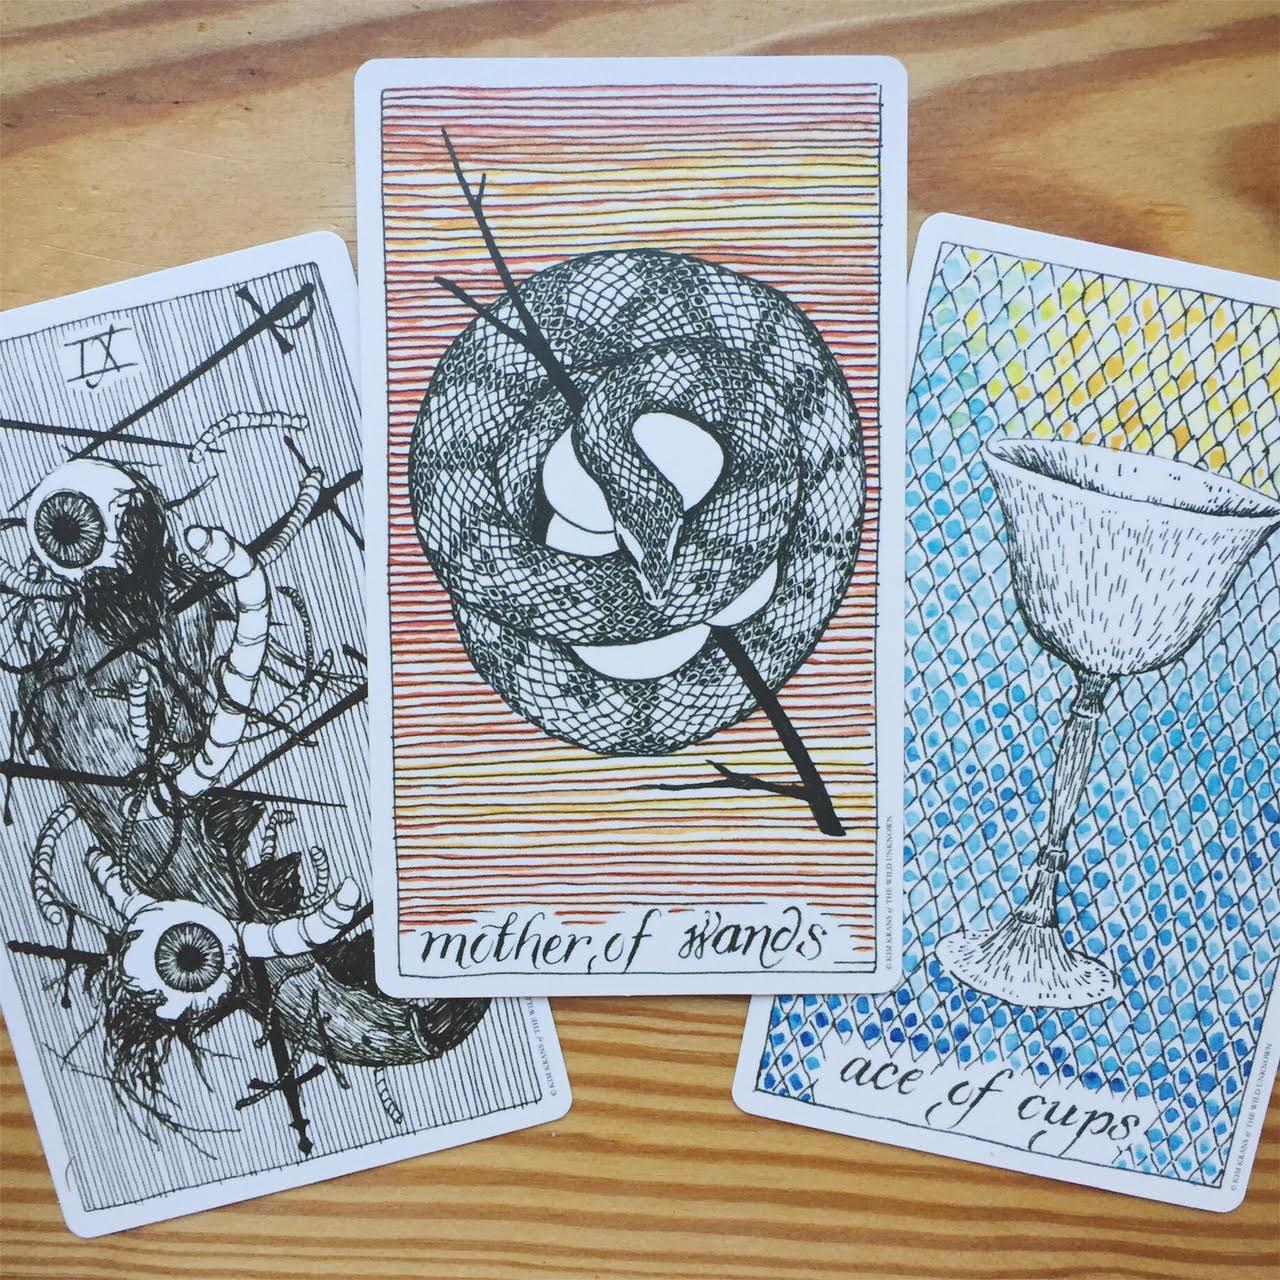 Tarot reading with wild unknown tarot